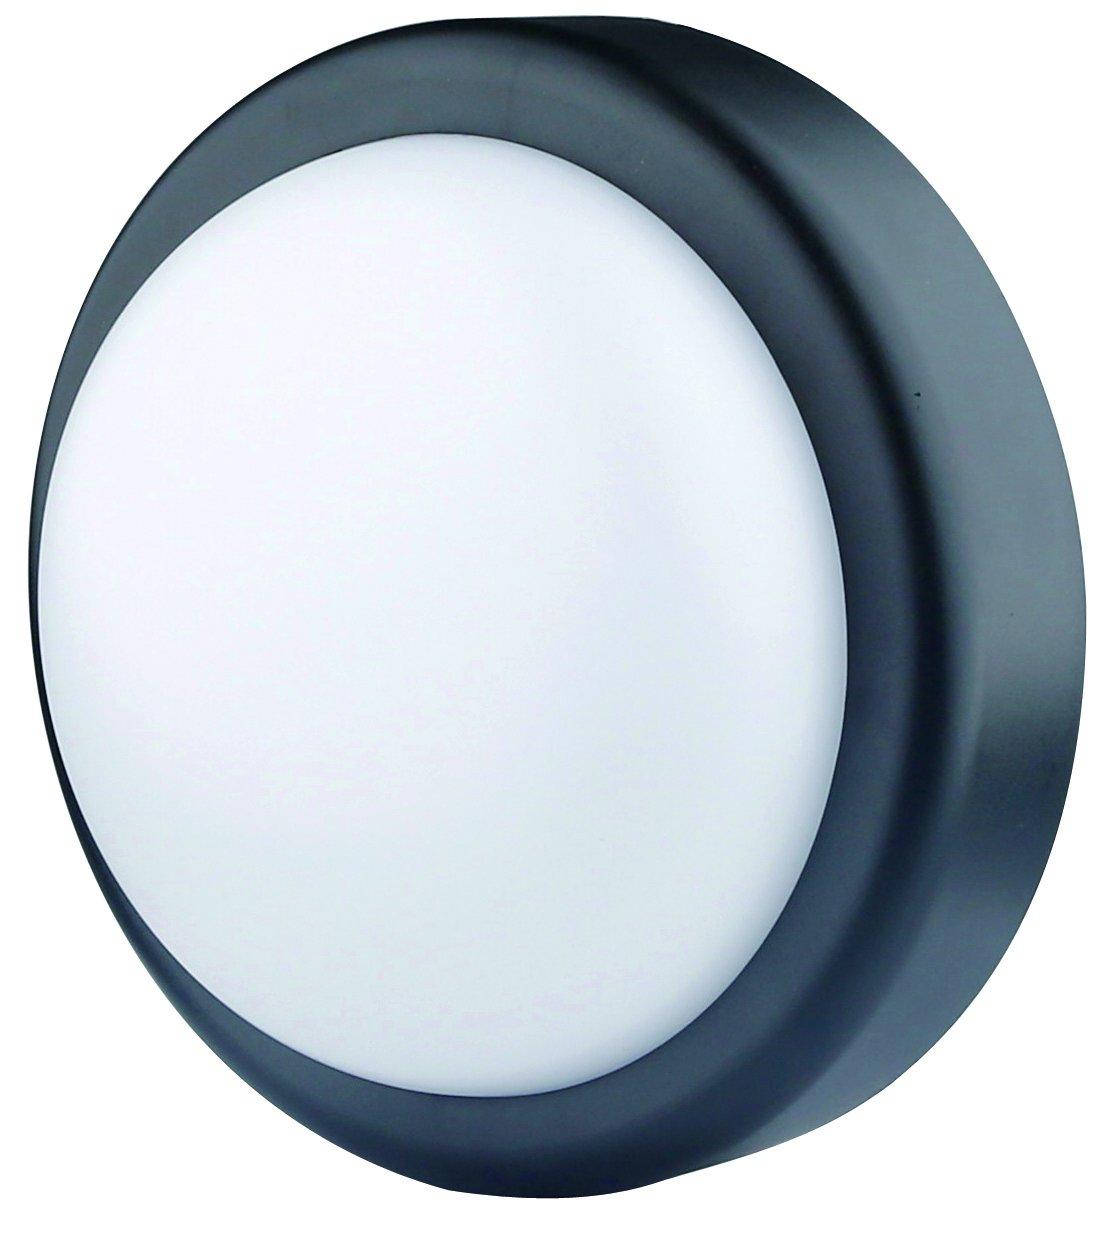 Electraline 65008 plafó n led hermé tica IP44, 14 W/150 W, 1000 LM, luz Natural, Negro 14W/150W 1000LM